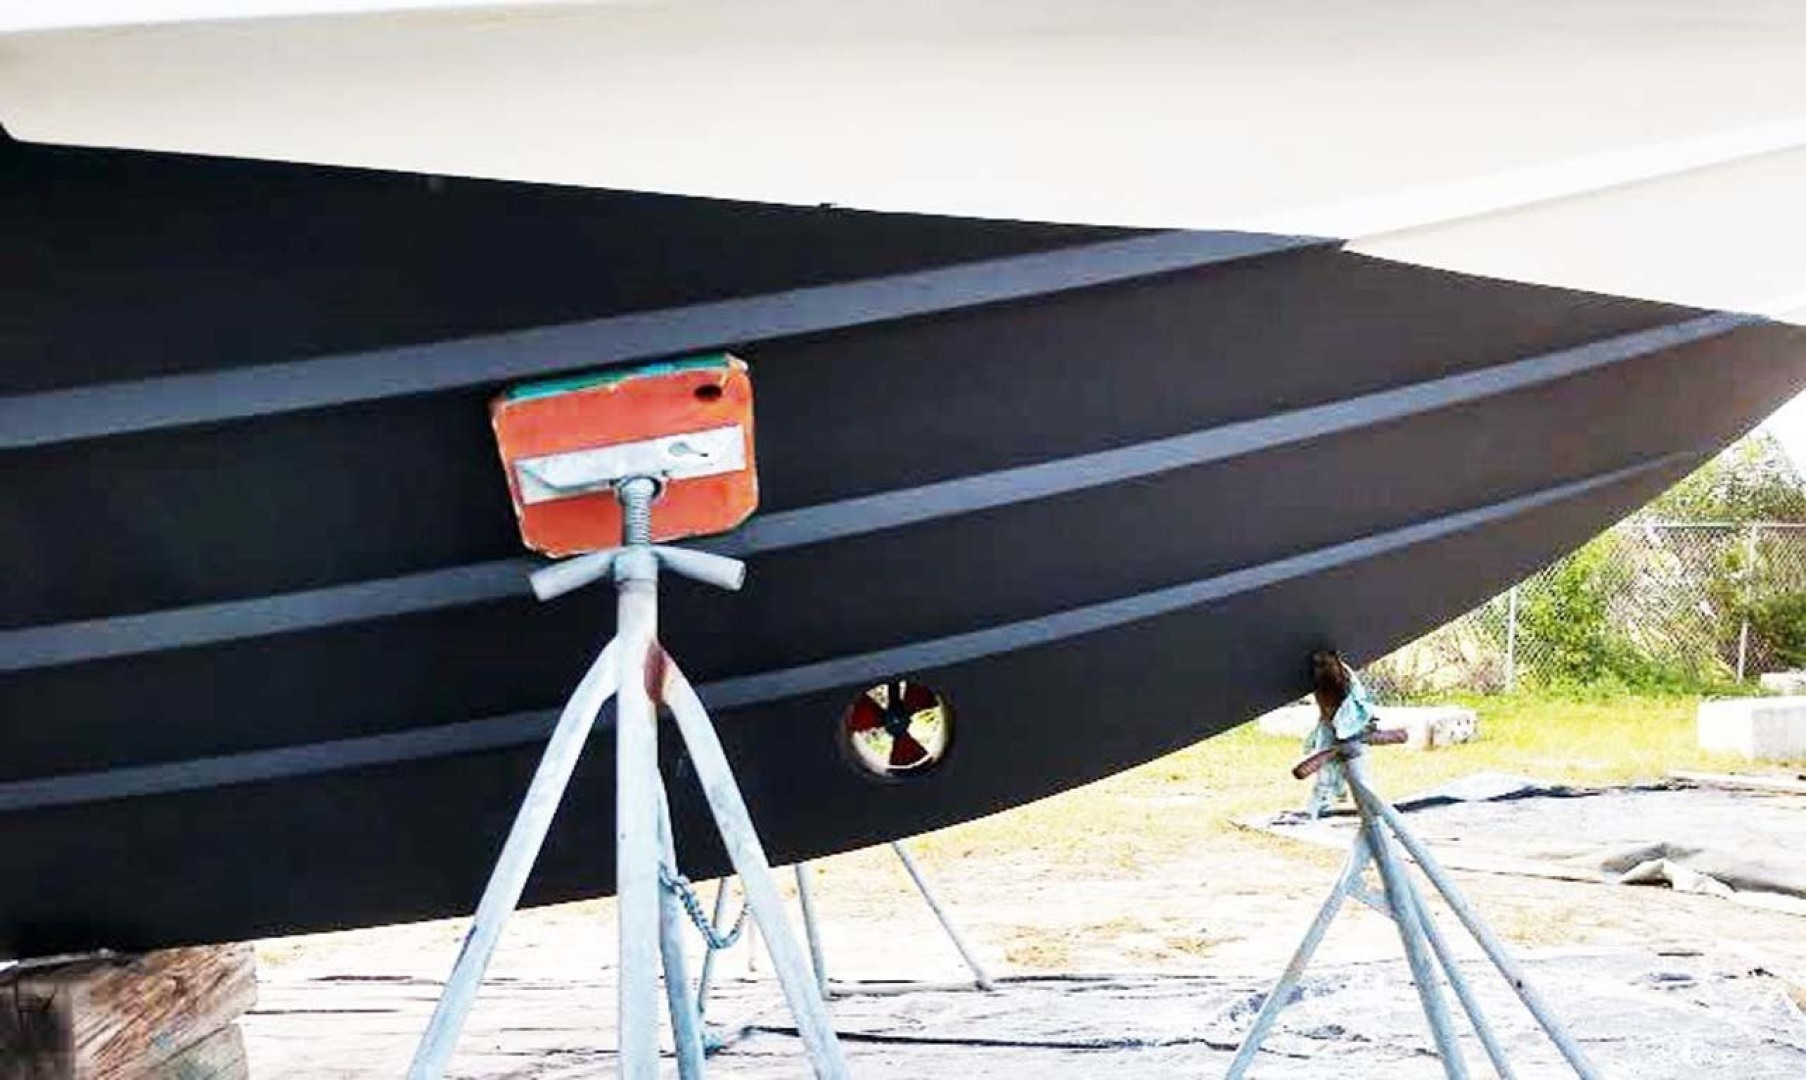 Azimut-46 Motor Yacht 2003-ChrAmy Melbourne-Florida-United States-Bow Thruster-1318901 | Thumbnail